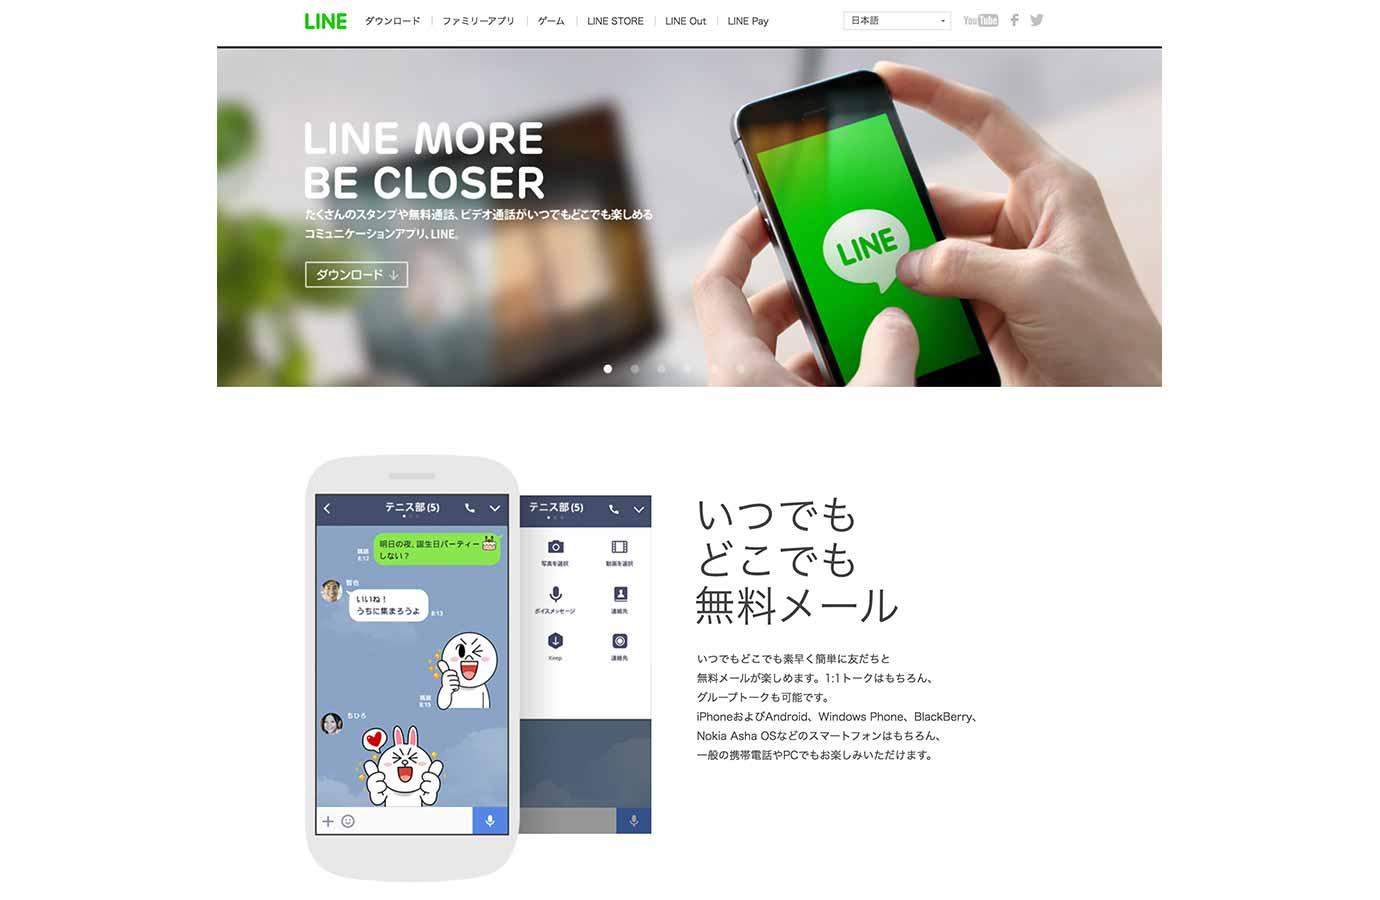 東証、LINEの株式上場を承認、上場予定日は7月15日- 時価総額は6,000億円超え